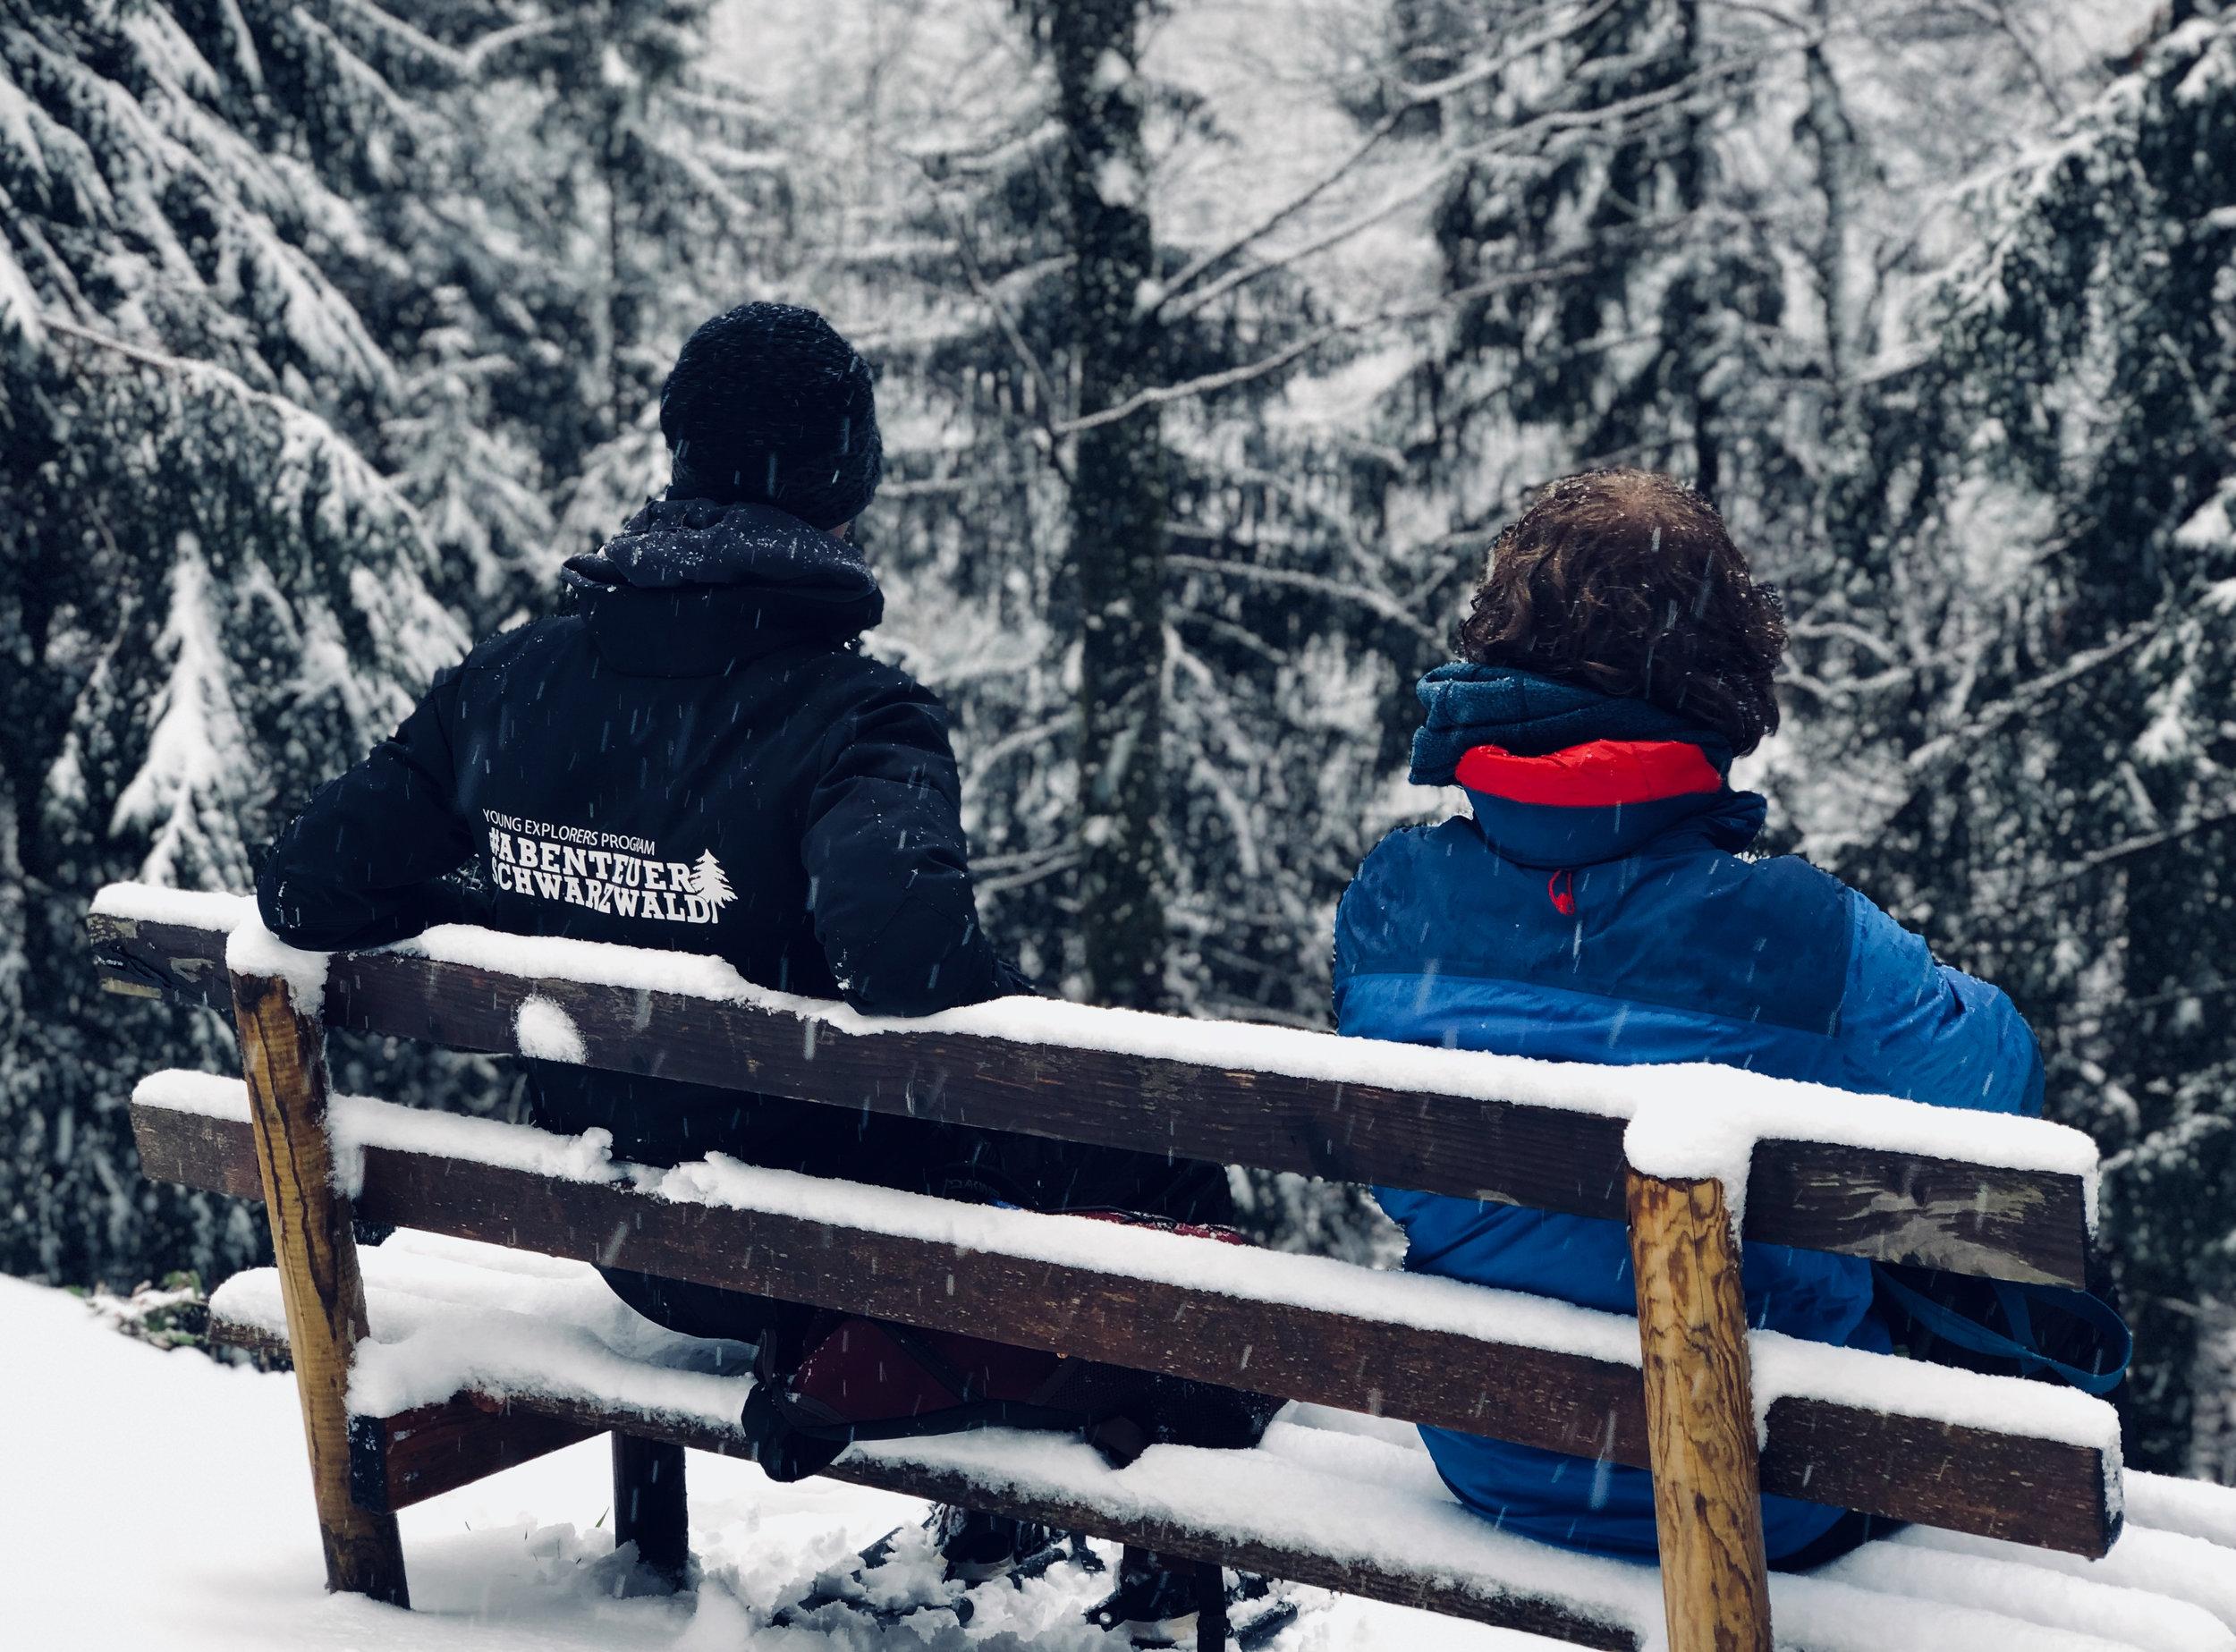 Abenteuer Schwarzwald im Schneegestöber.